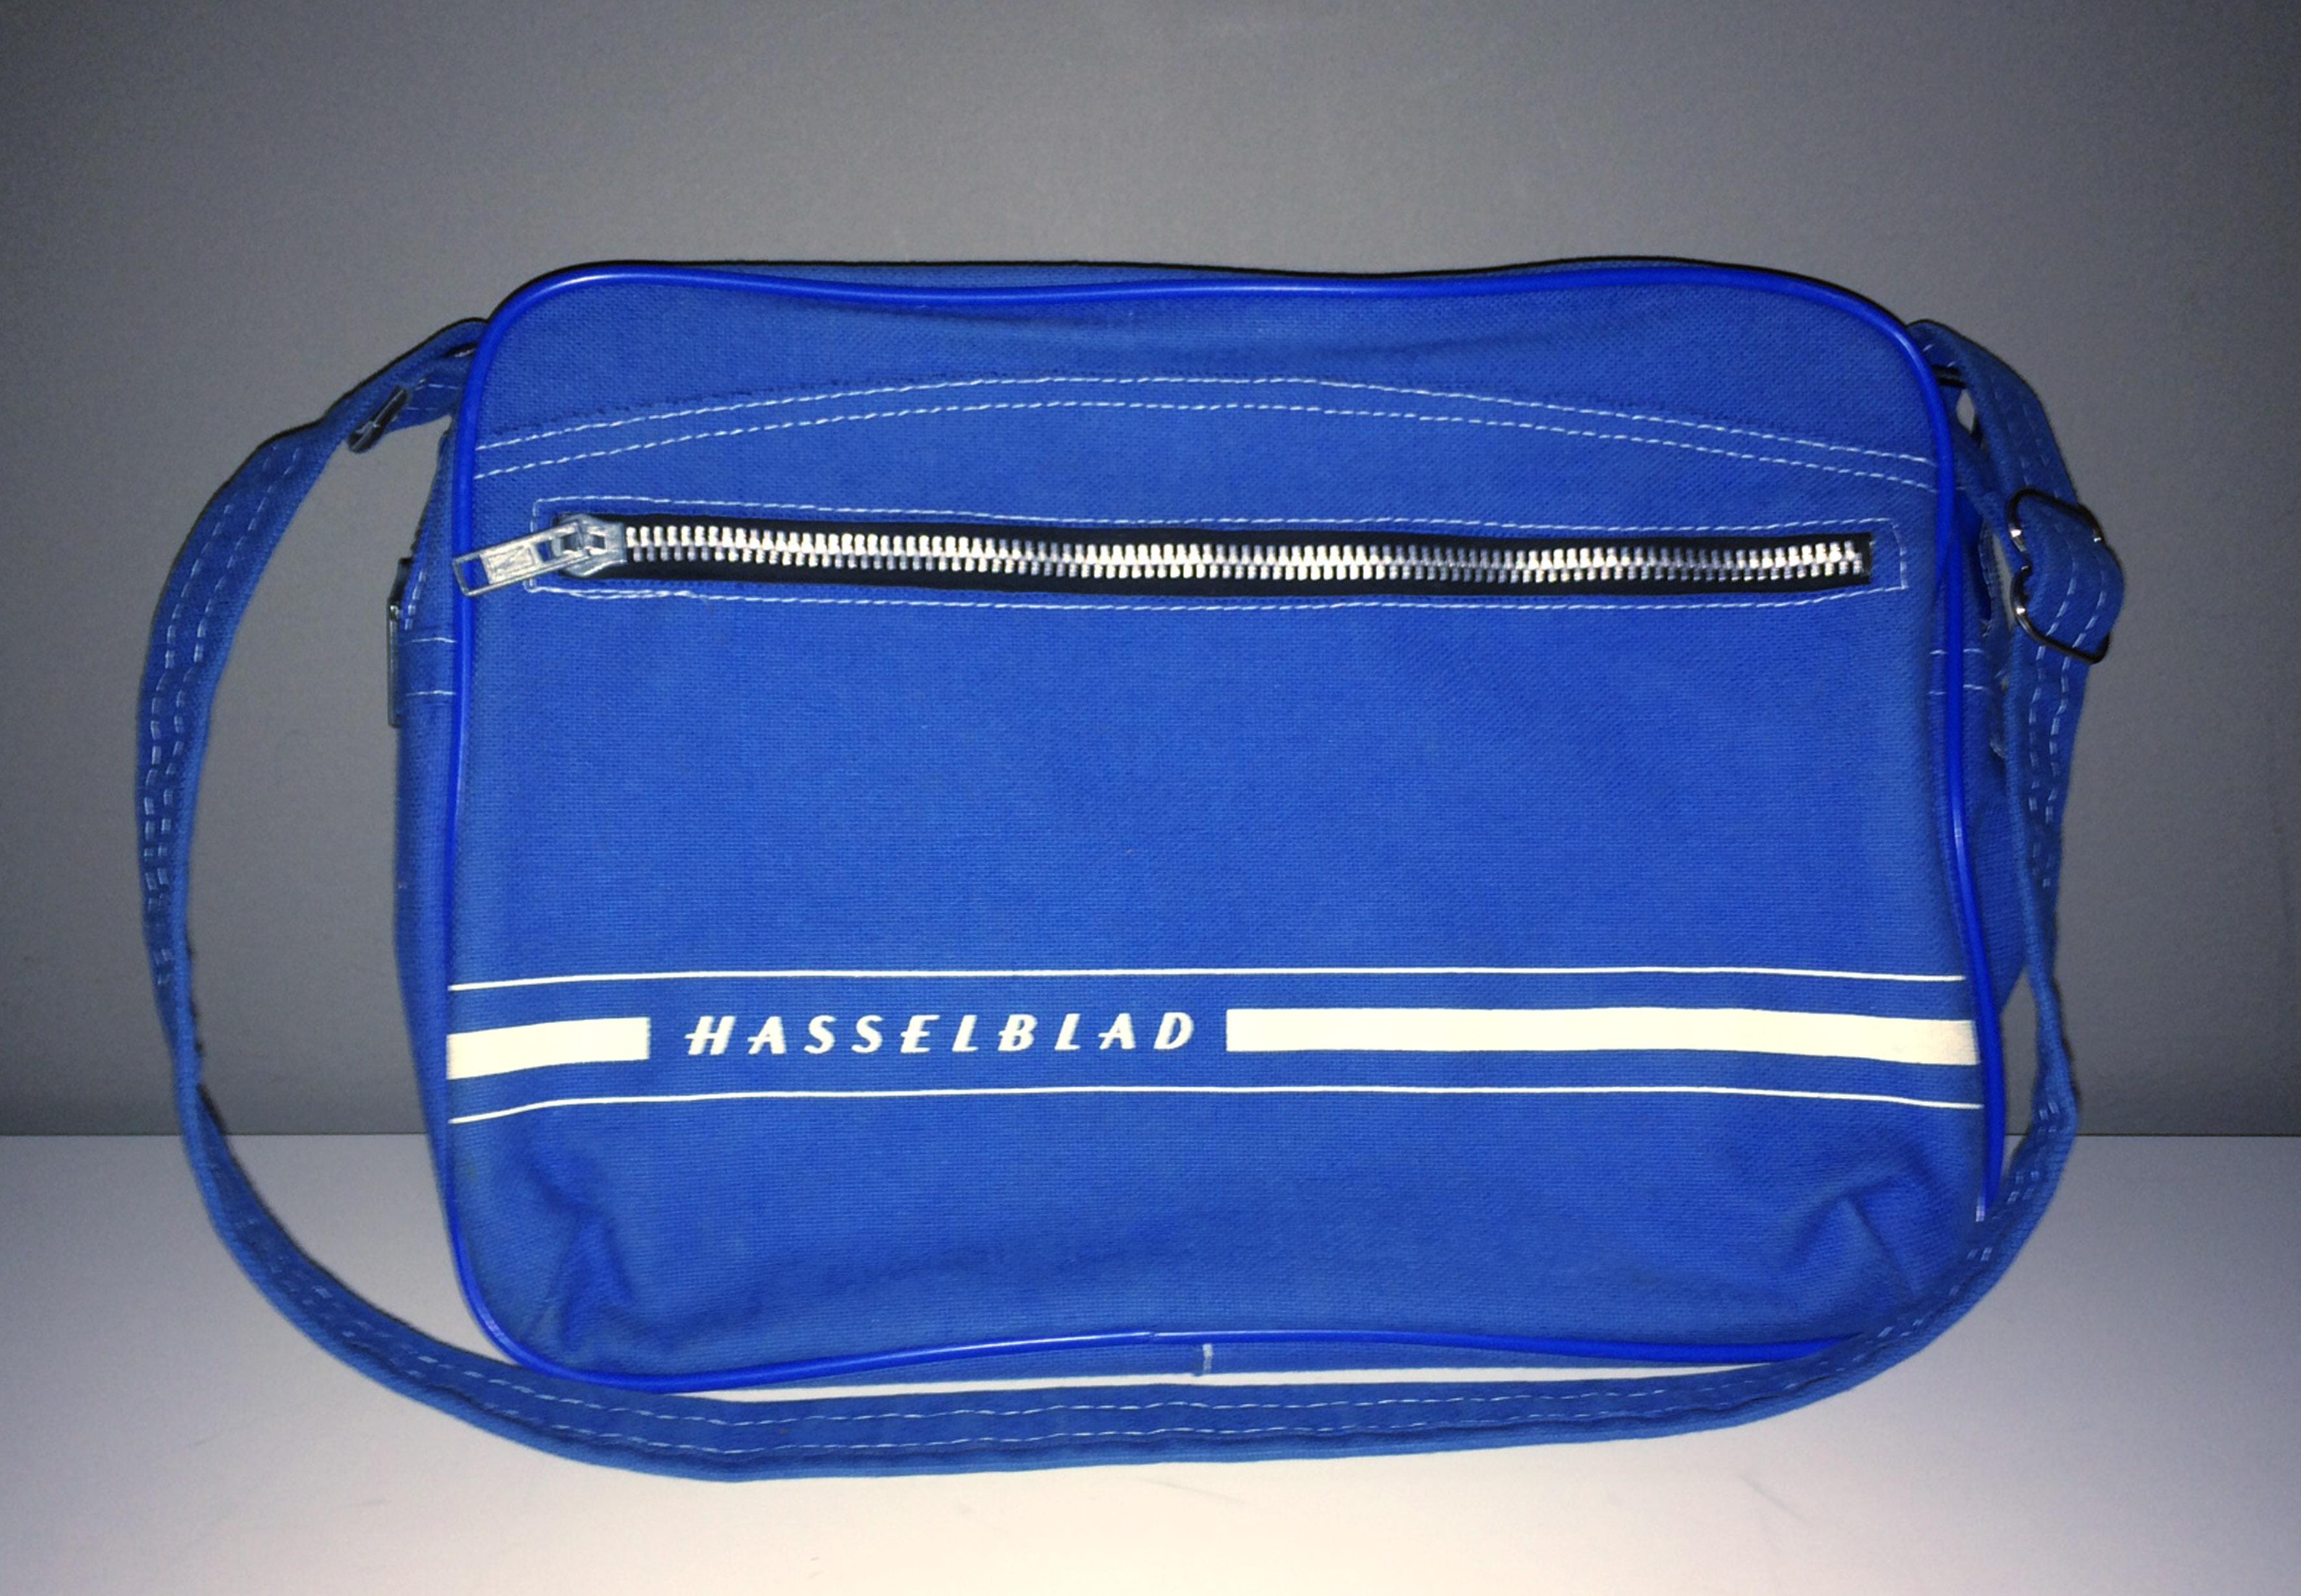 Originalväska från Hasselblad. Den kommer förgylla min arbetsplats framöver. Foto: Mikael Andersson, iPhone5.